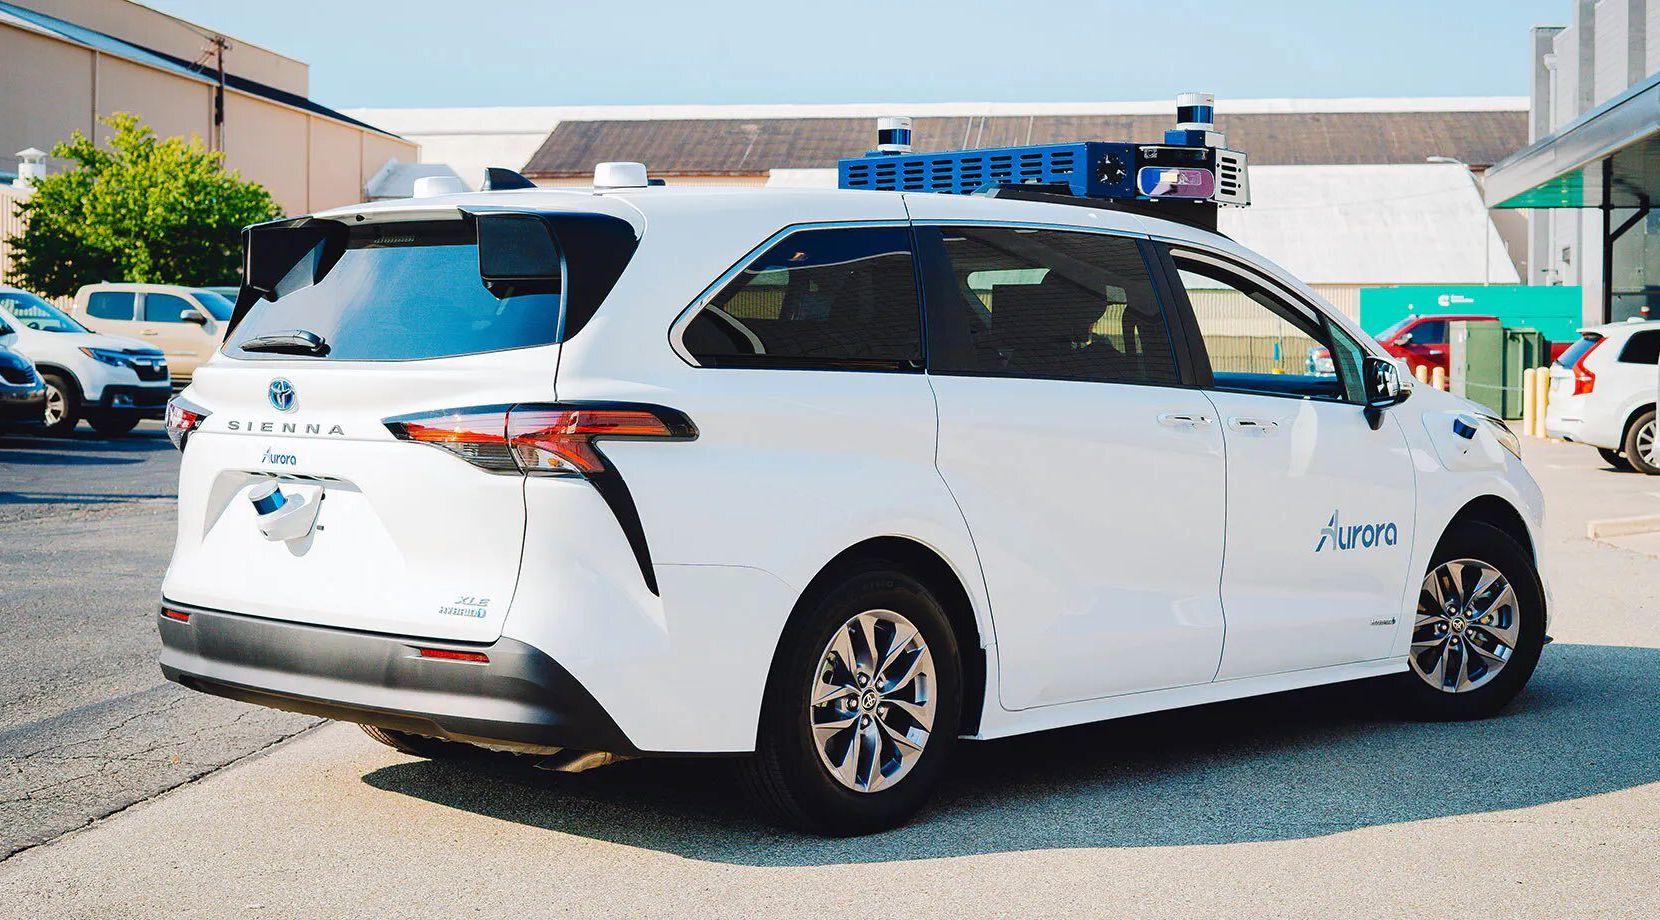 Este es el Toyota Sienna Autono-MaaS con tecnología que le permite no tener un piloto. Los vehículos autónomos ciruclarán por las calles de Dallas en los próximos meses.